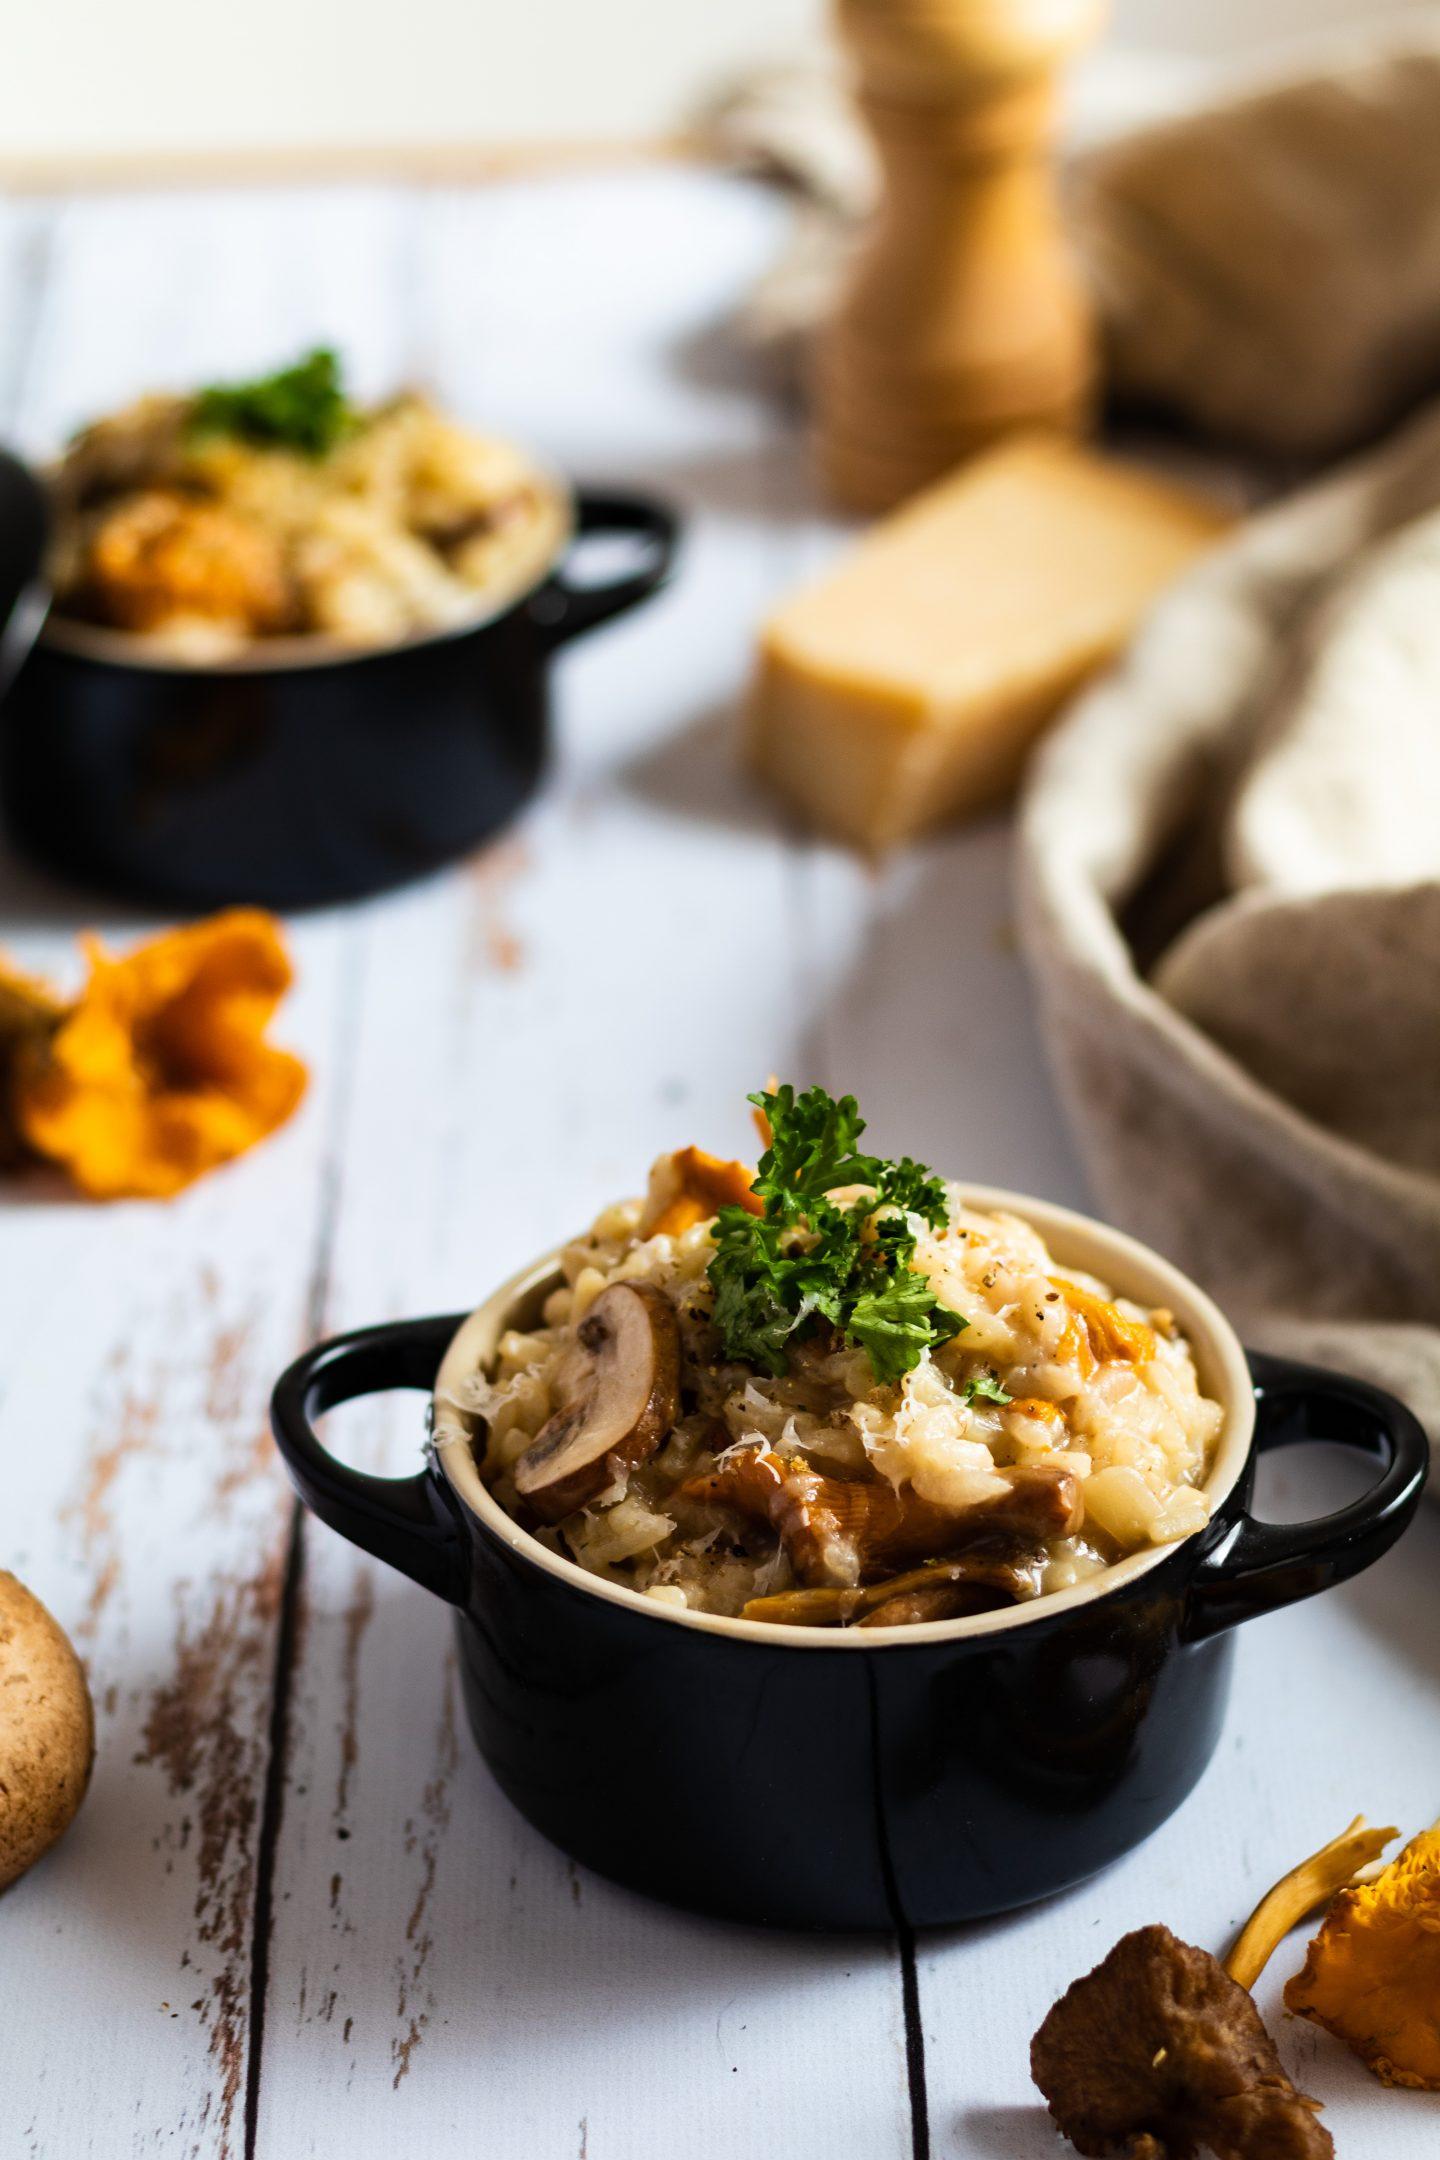 Recette de risotto aux champignons